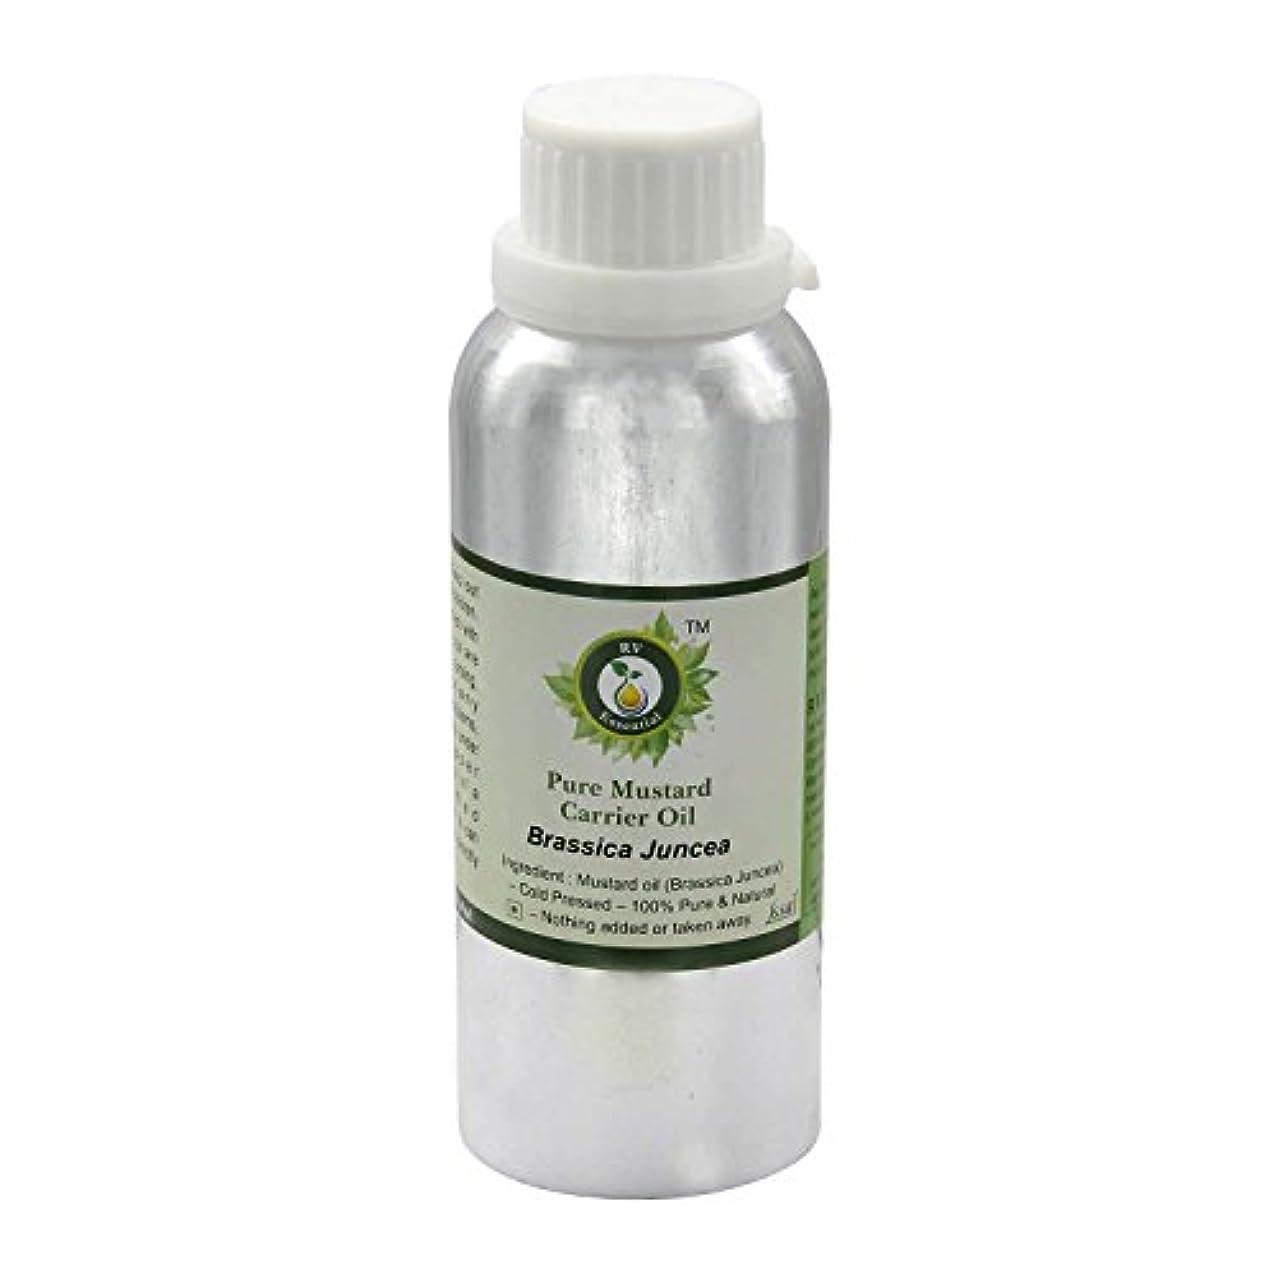 効率的鰐その後R V Essential 純粋なマスタードキャリアオイル630ml (21oz)- Brassica Juncea (100%ピュア&ナチュラルコールドPressed) Pure Mustard Carrier Oil